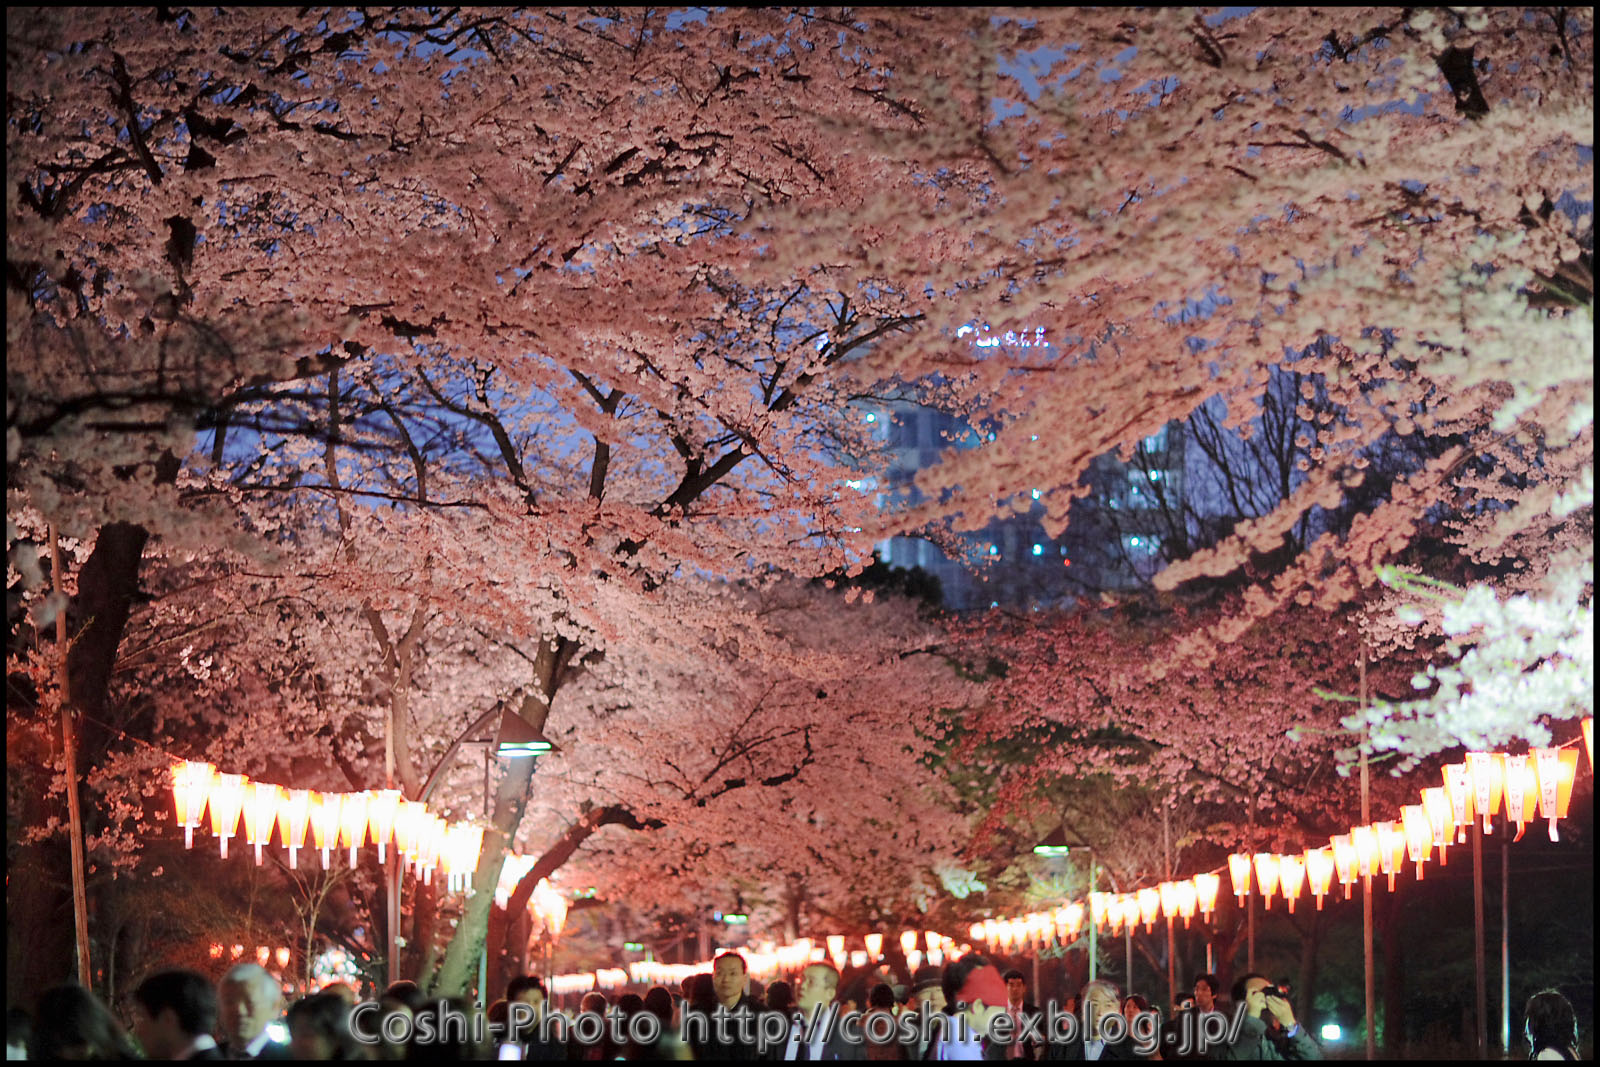 200万人もの花見客が訪れる桜の名所